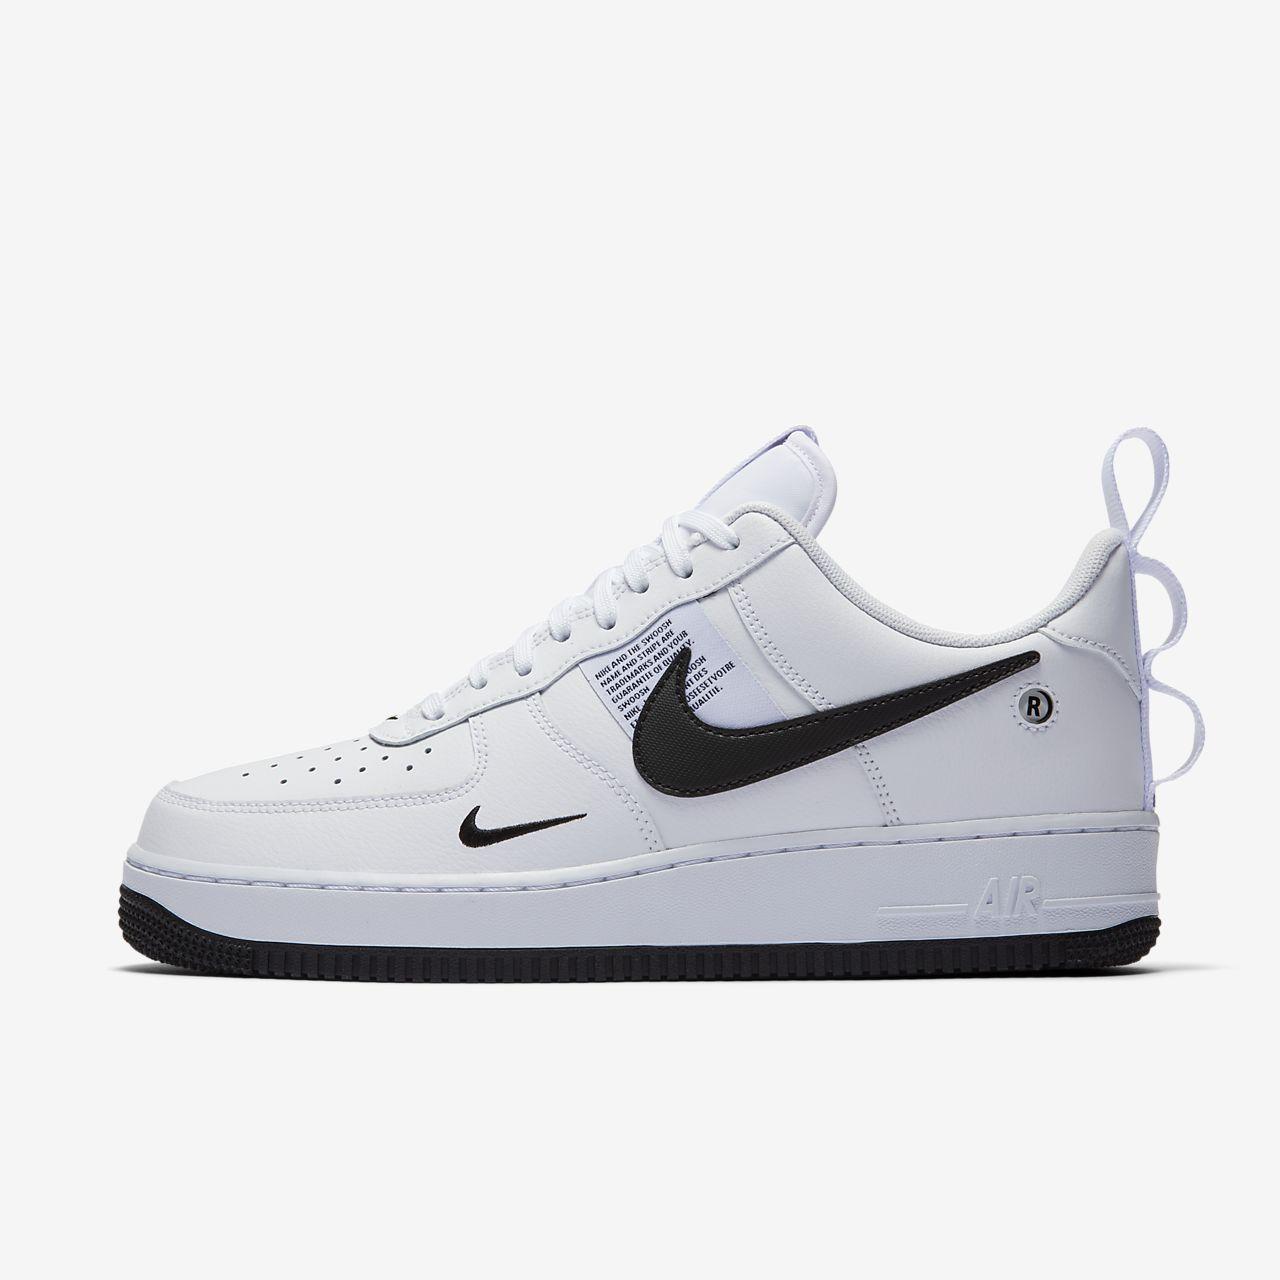 2nike swoosh scarpe